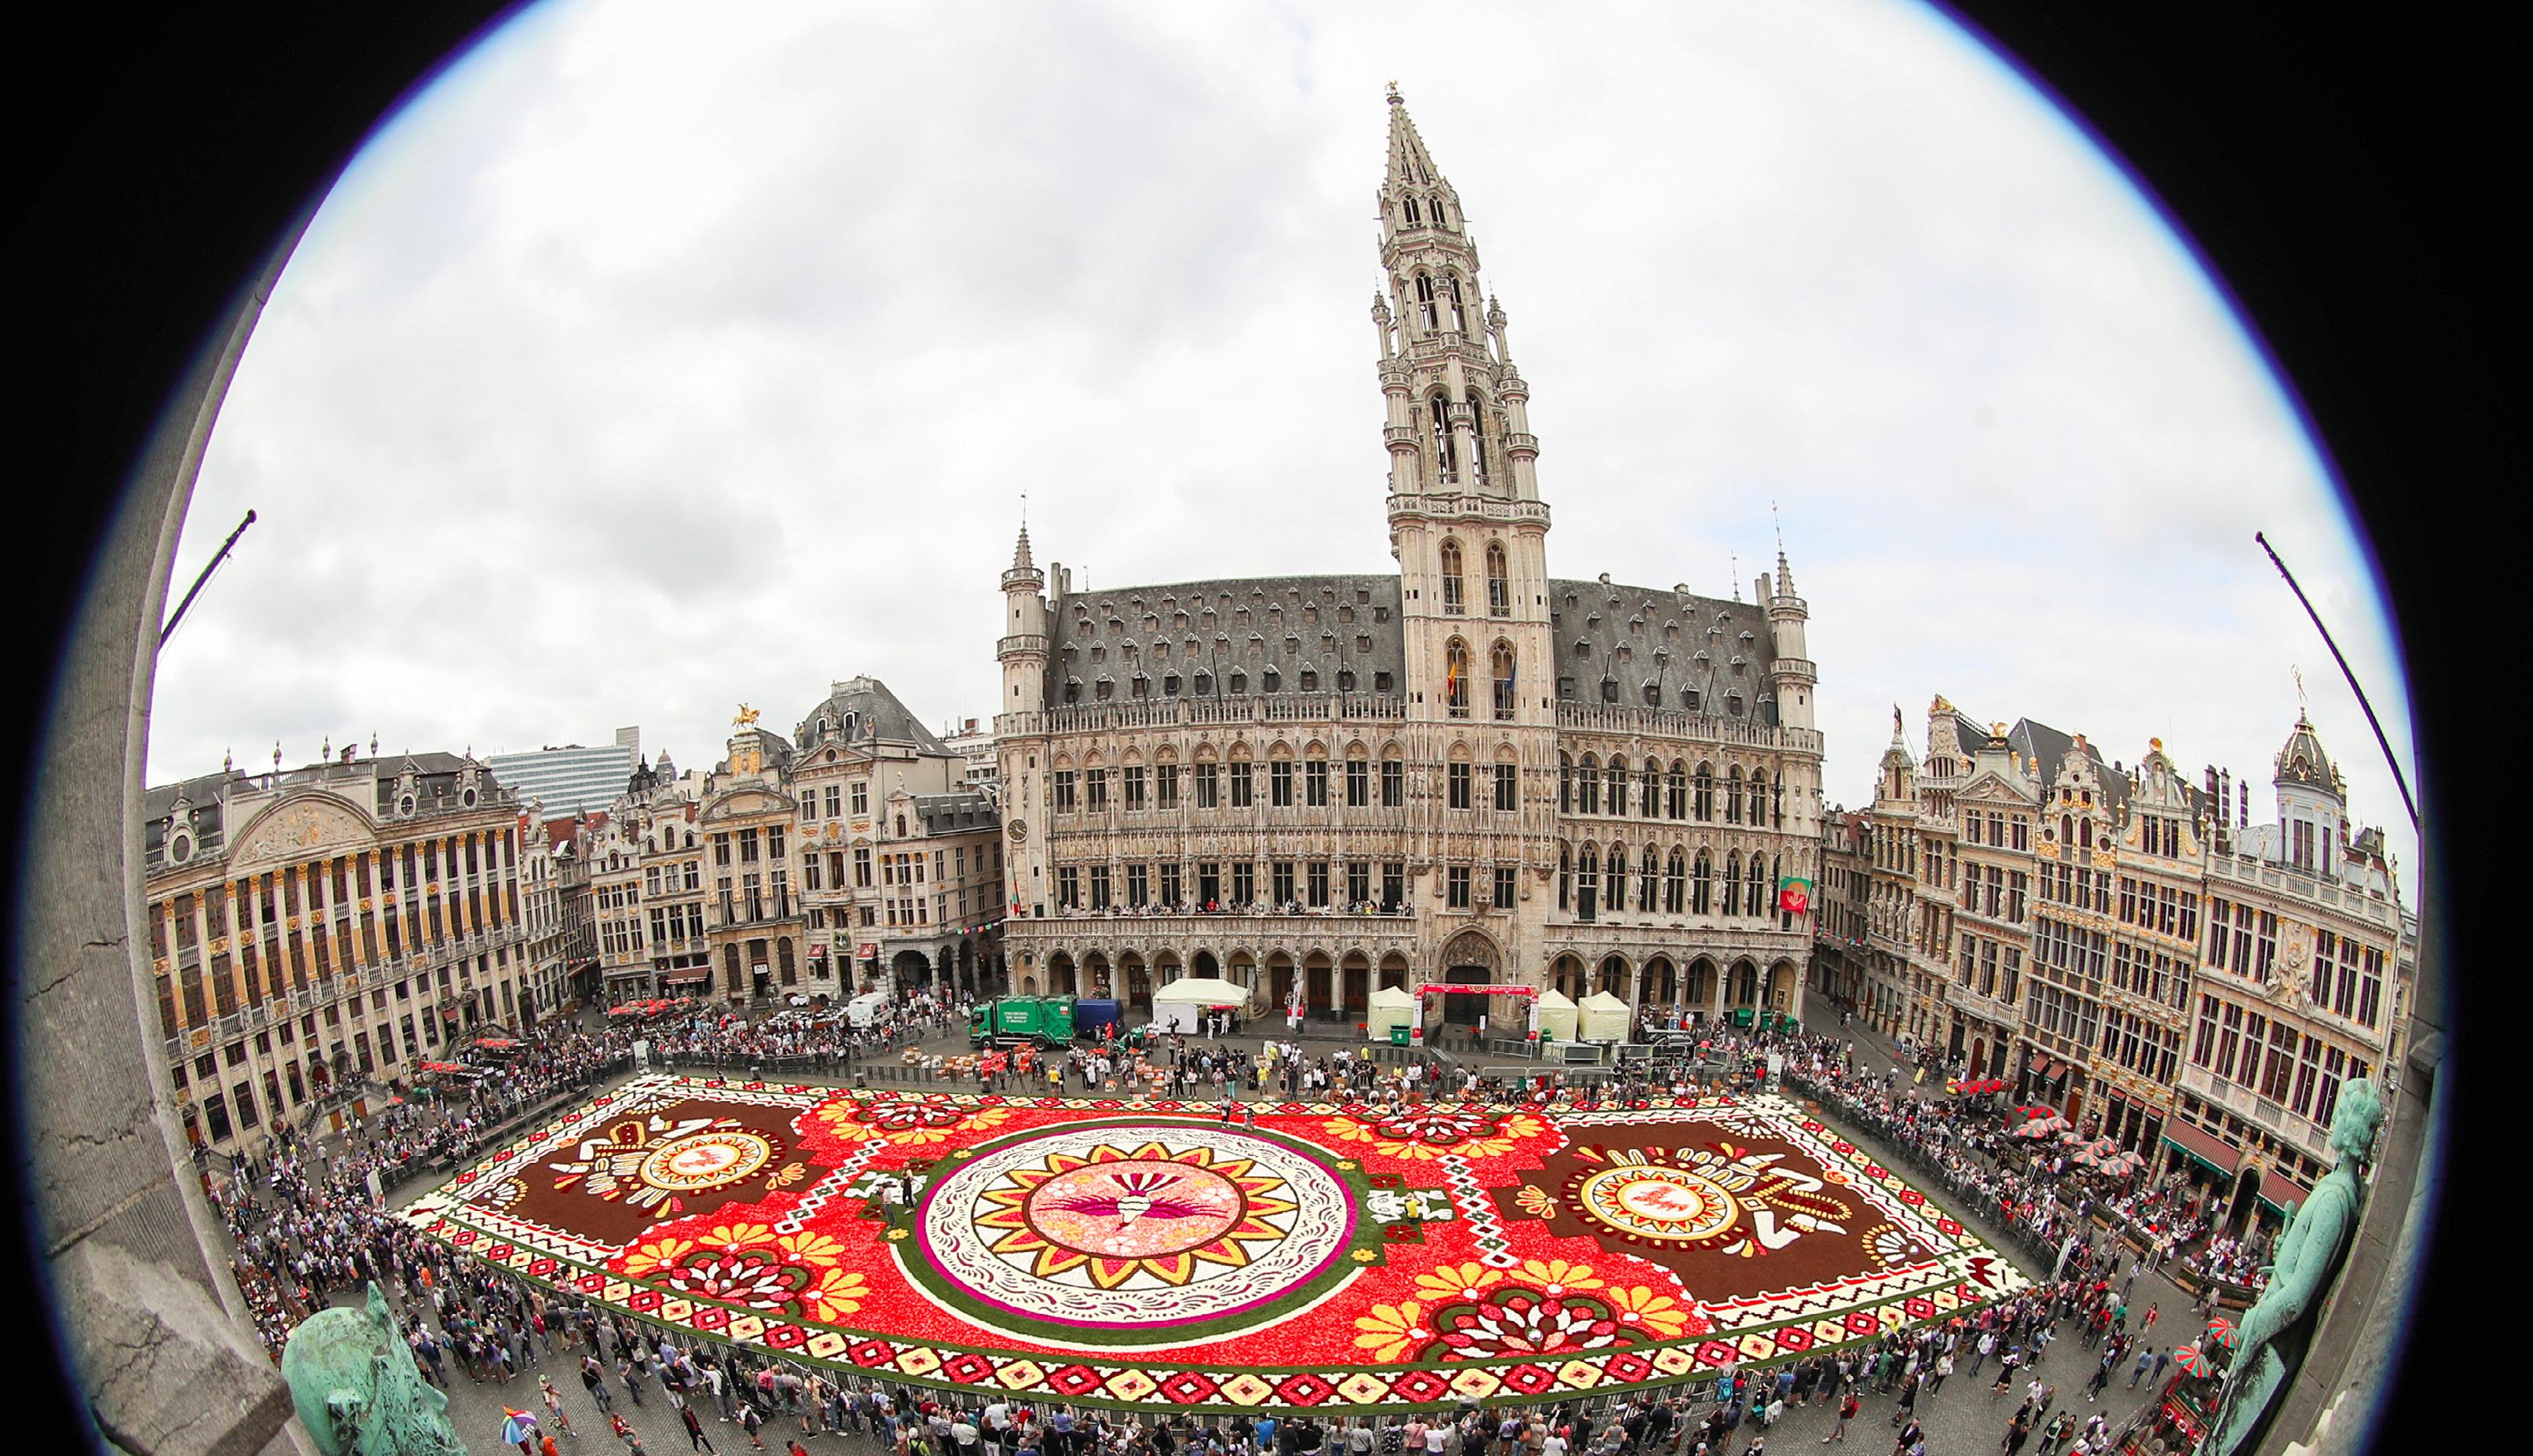 Tapete de flores com 1 800 metros quadrados, feito com mais de 500 000 dálias e begônias, na Grand Place, em Bruxelas, Bélgica, 16 de agosto de 2018. EPA / OLIVIER HOSLET.